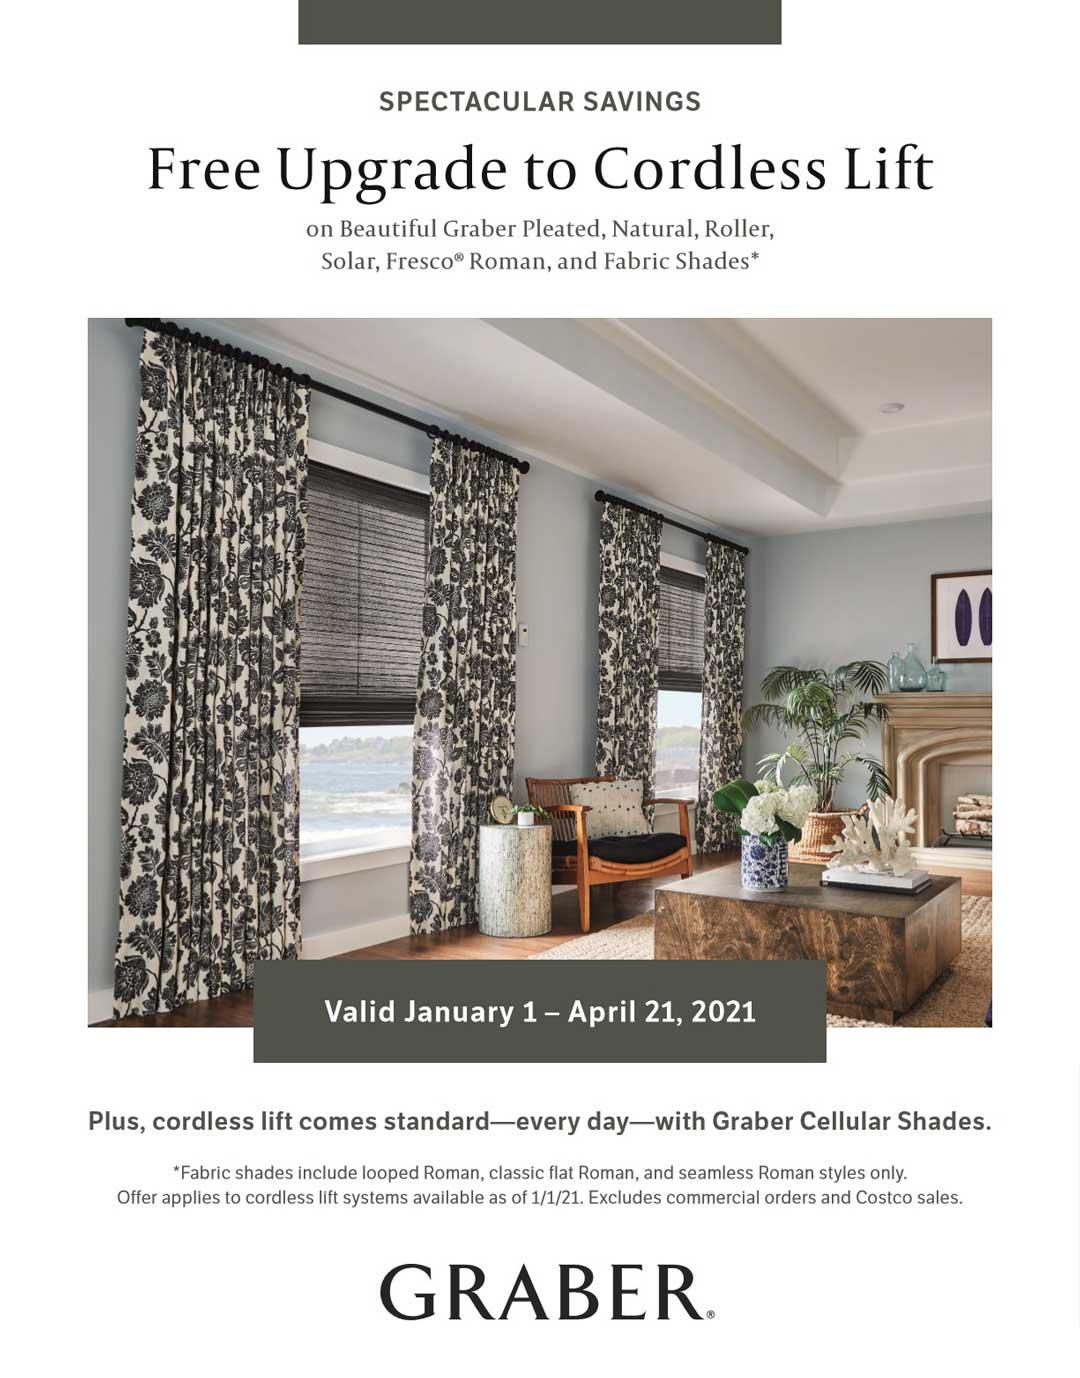 Free Upgrade to Cordless Lift through April 21, 2021